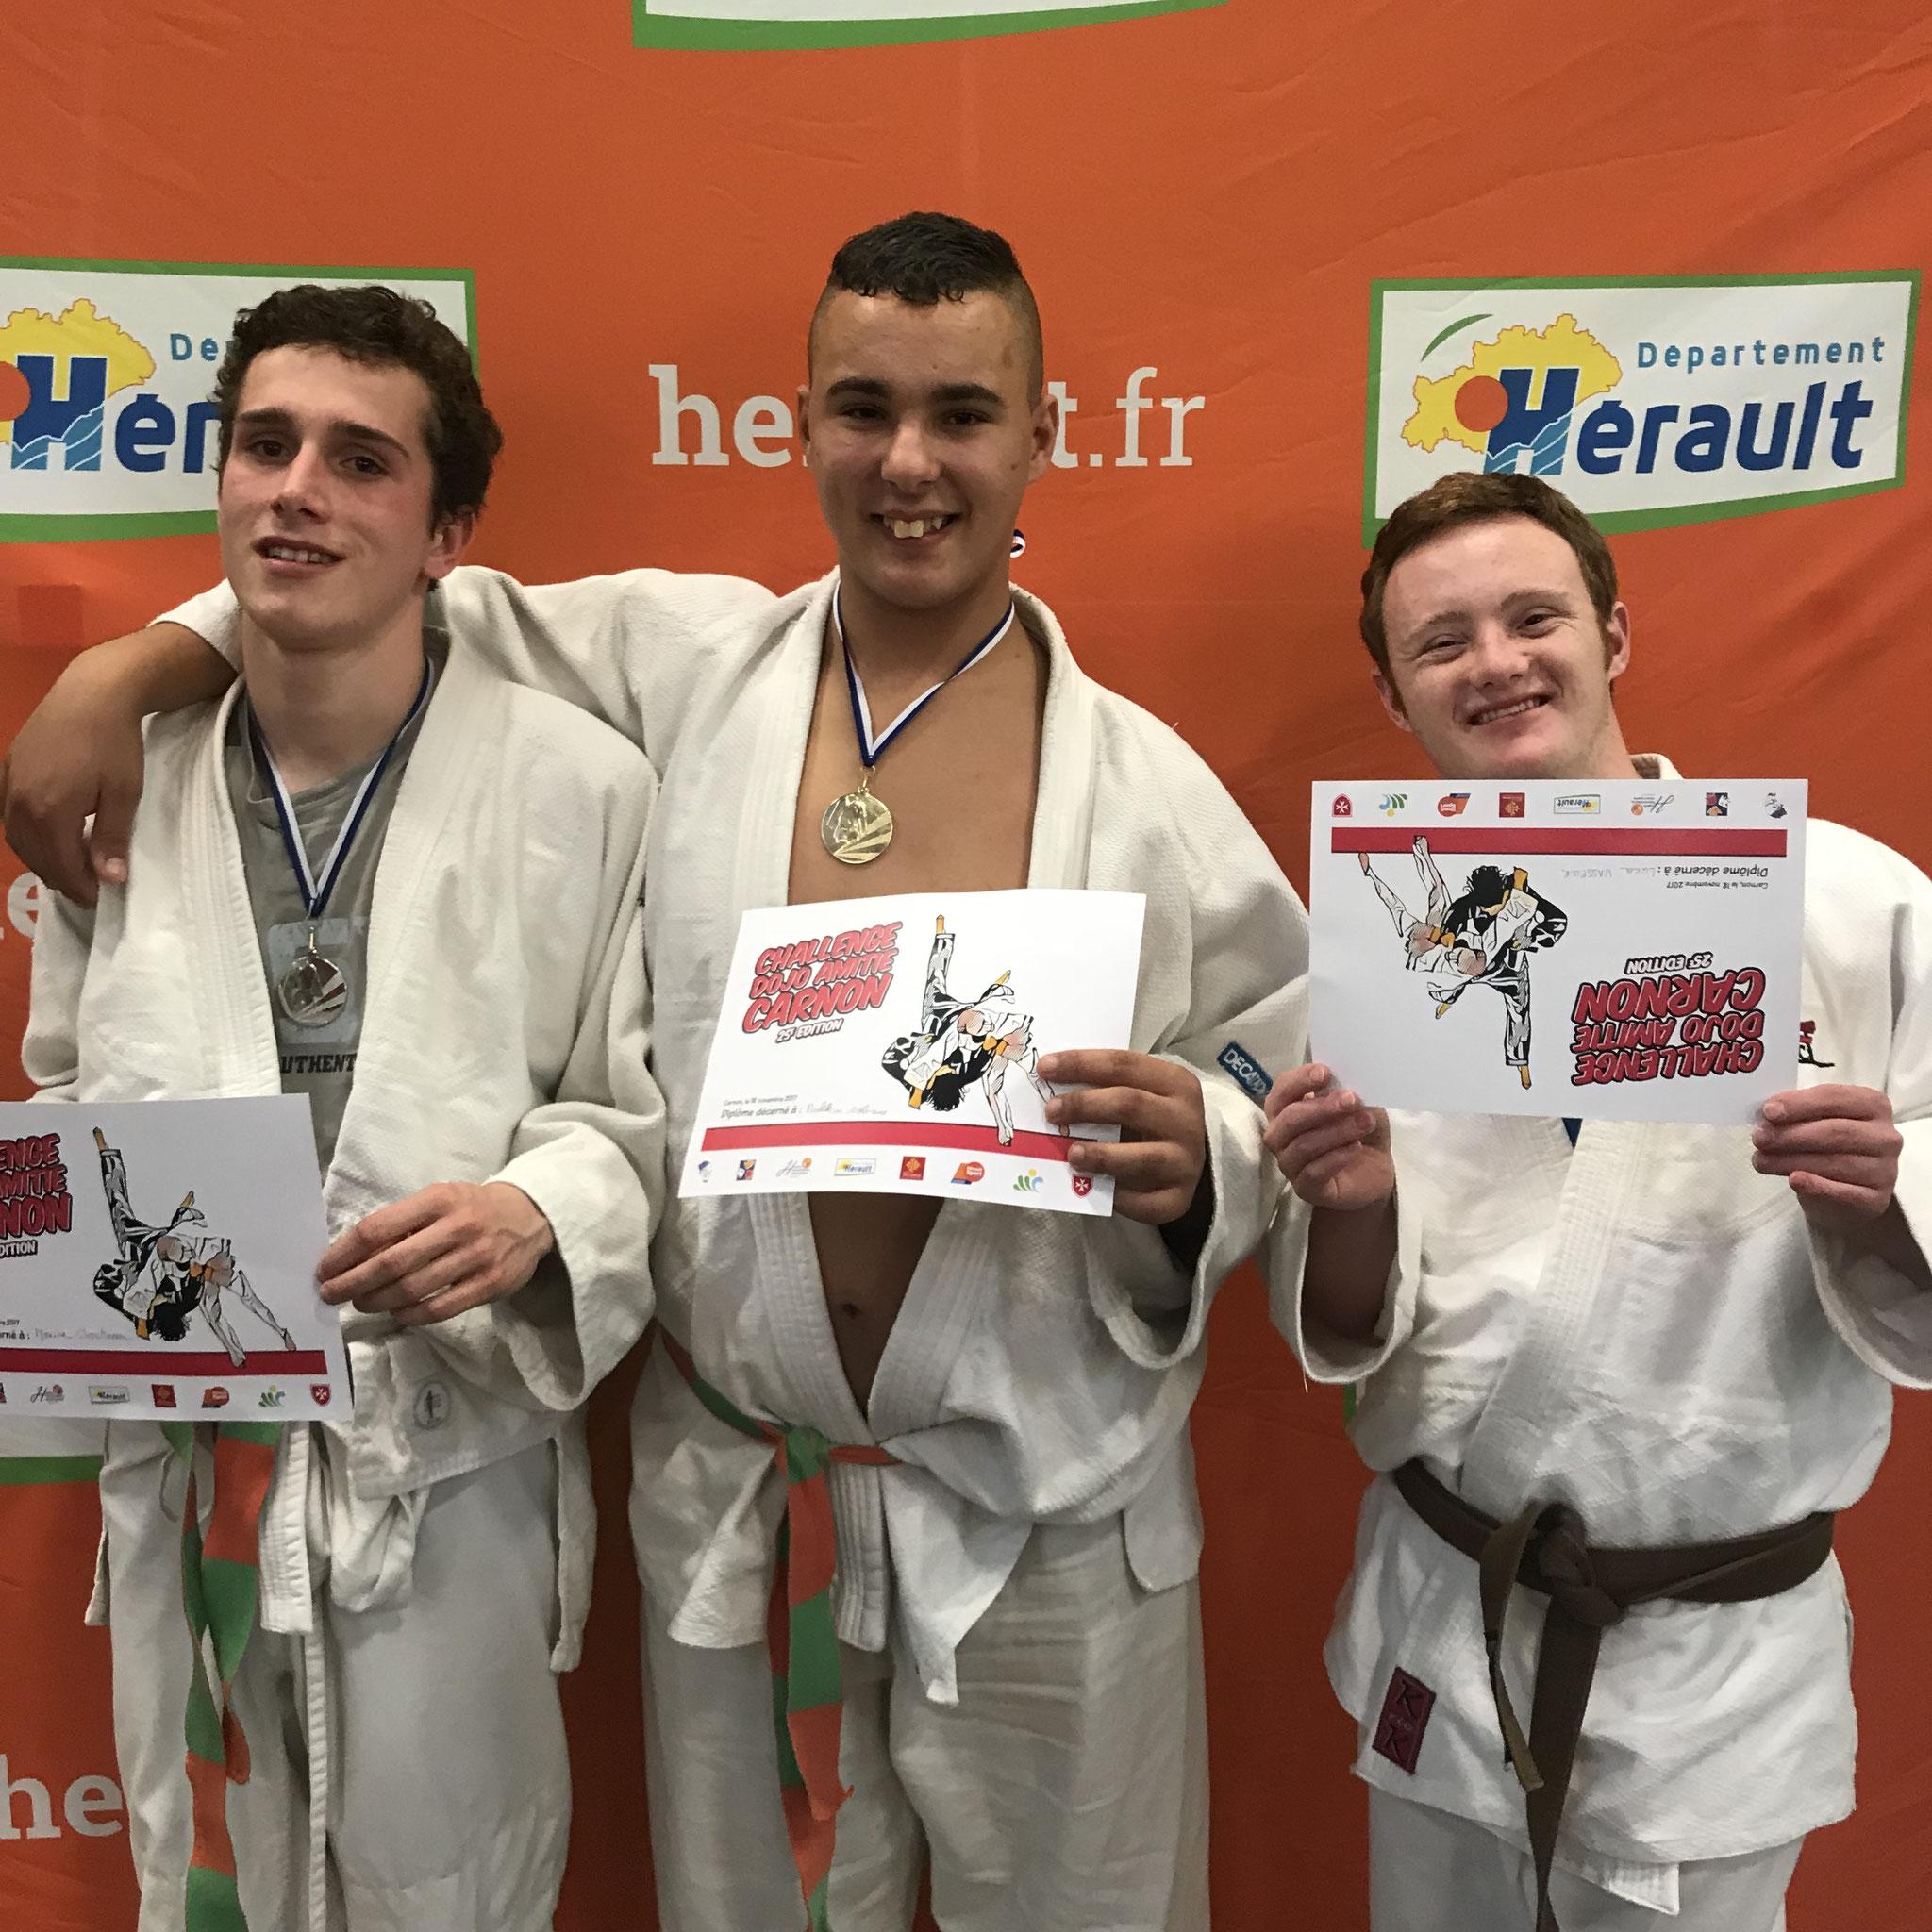 Bravos les gars Sofian 1,Maxime 2 de l'ime du Soler avec Lucas non  classé, Super comportement de nos judokas au Tournoi de Carnon .